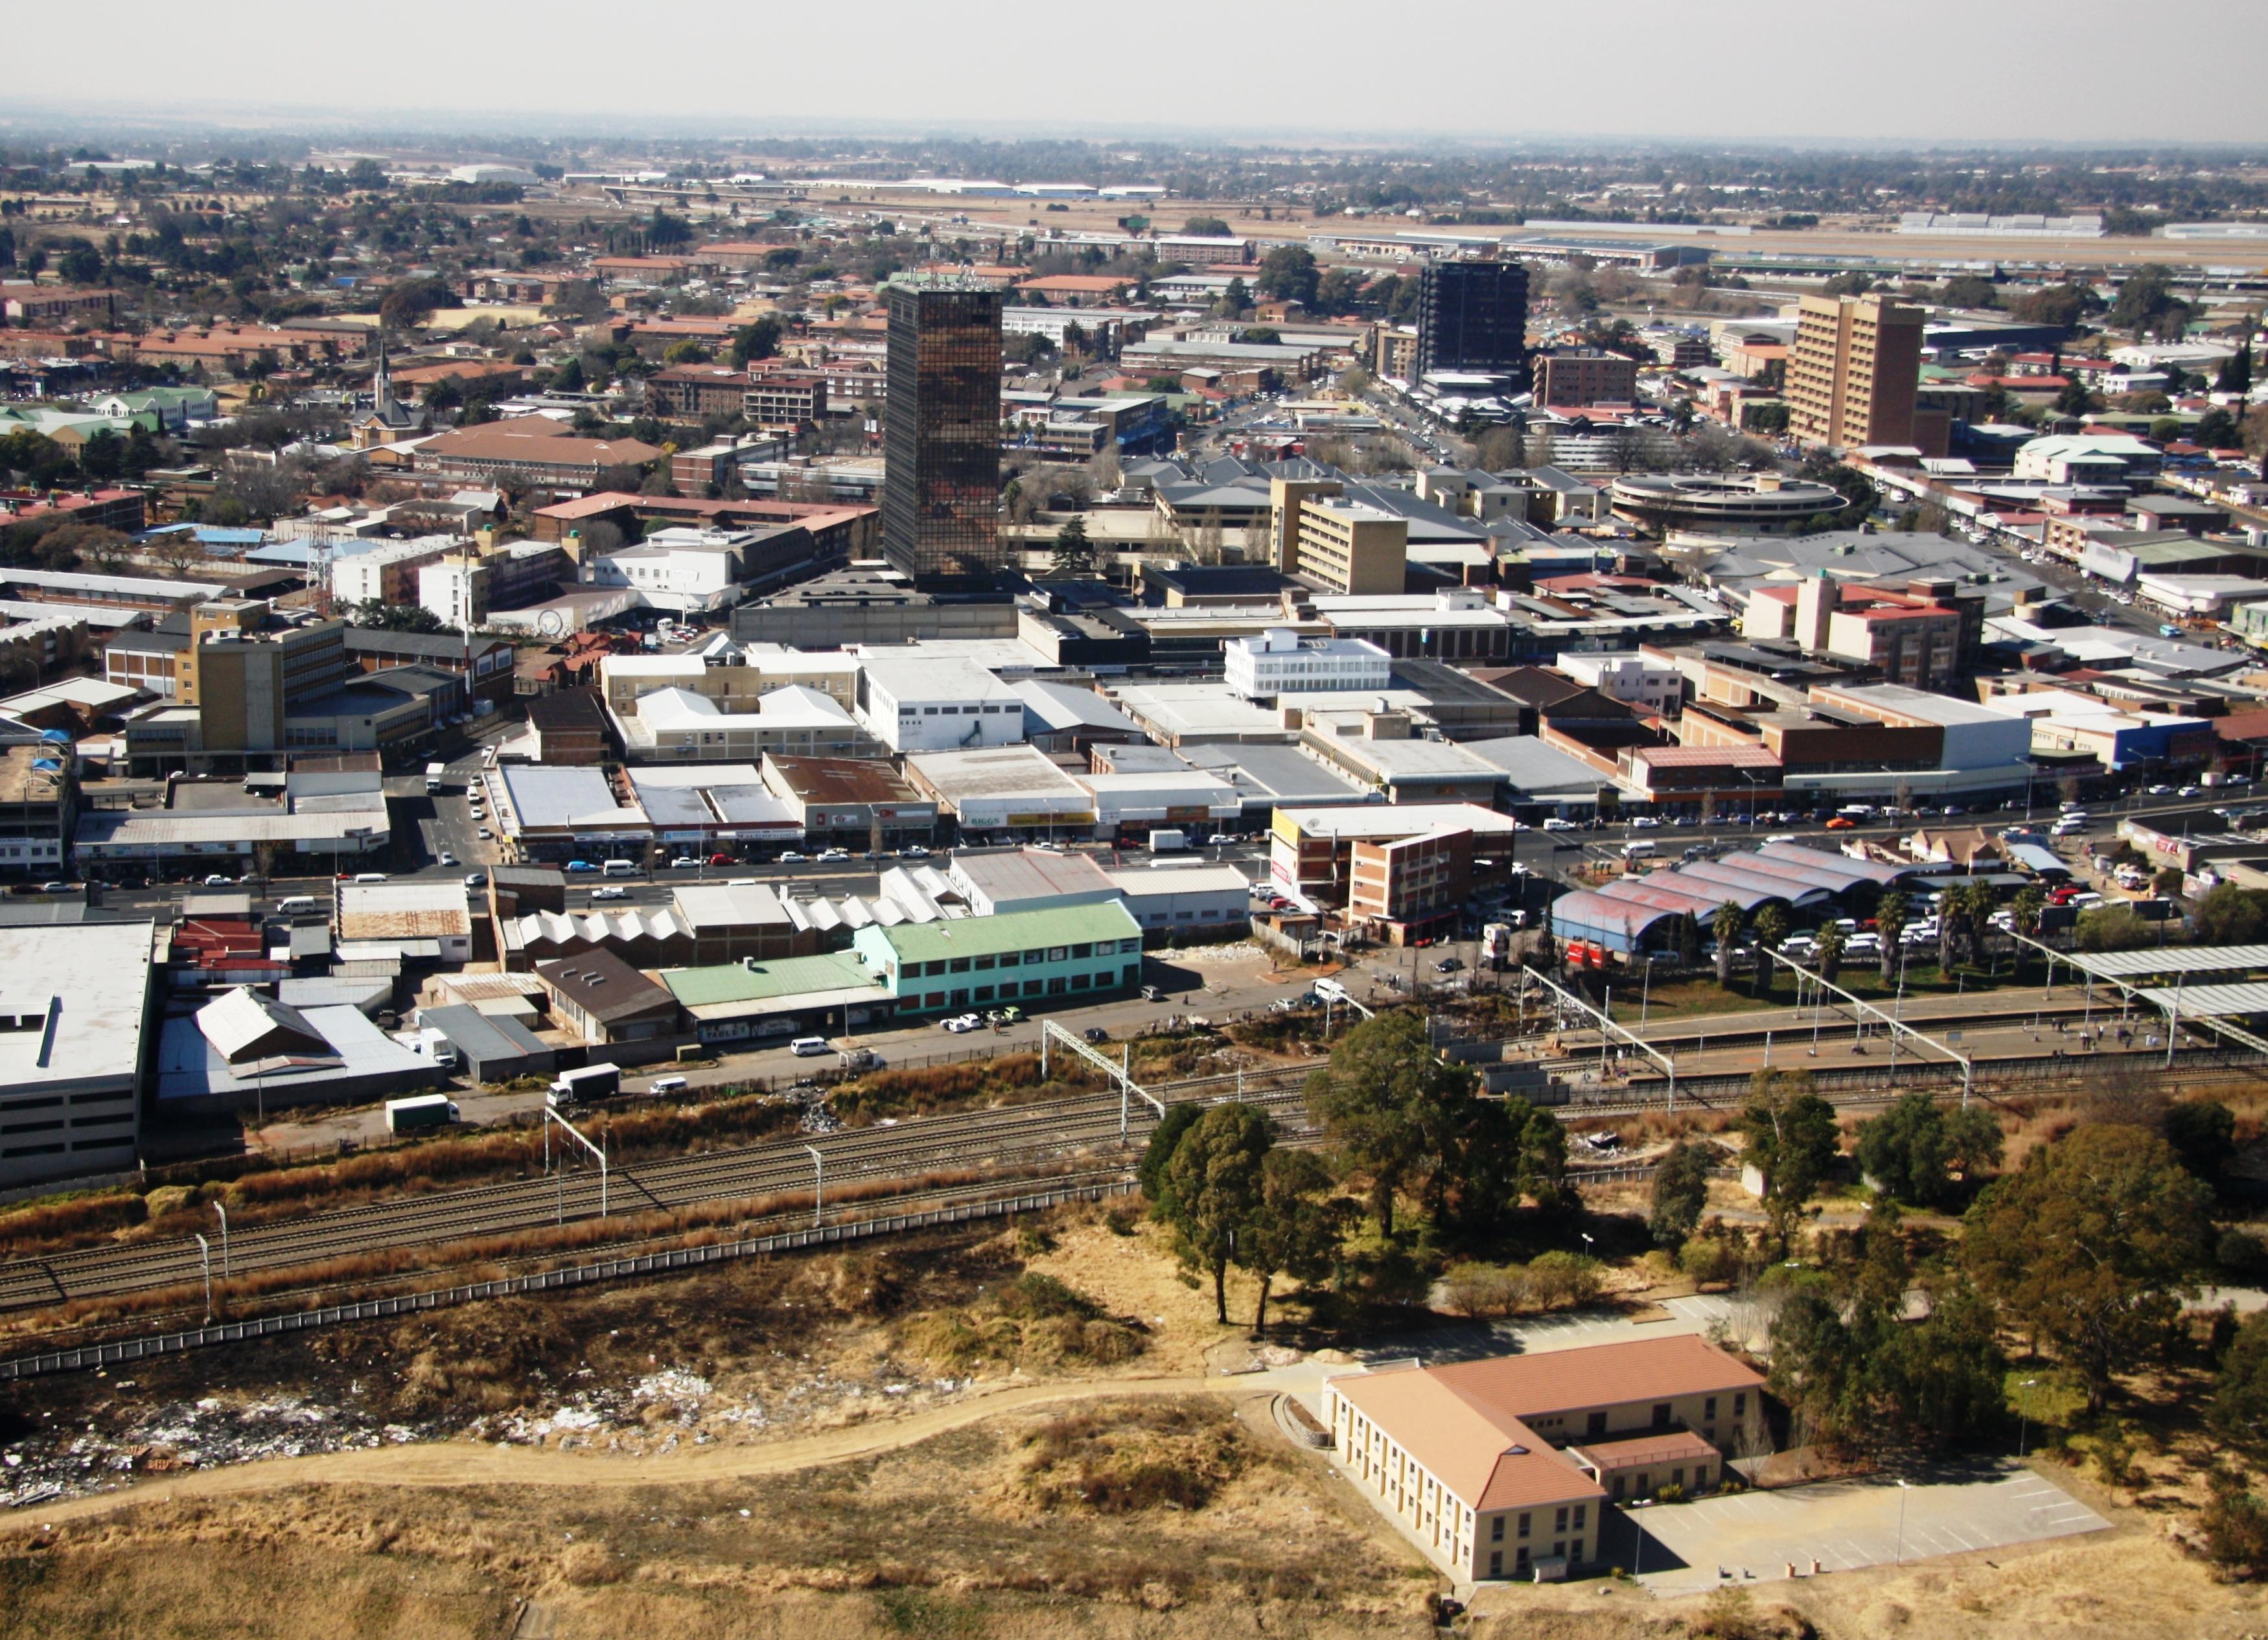 Kempton Park, Gauteng   Wikipedia